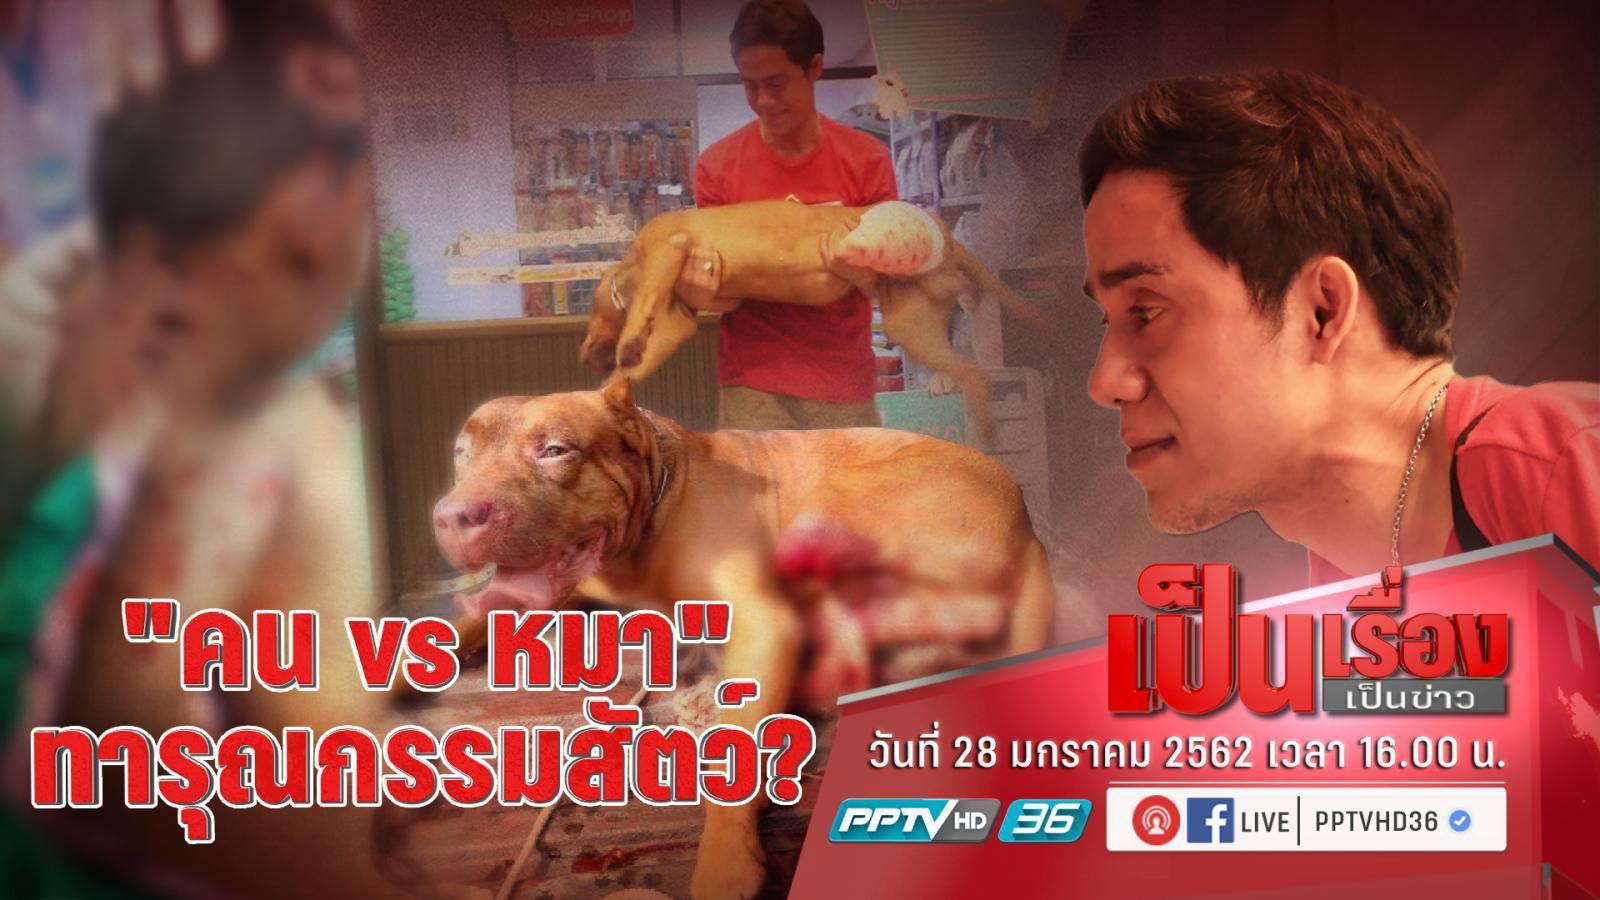 """""""ทนายเดชา"""" แนะ คนถูกสุนัขจรจัดกัด ให้ฟ้อง """"เทศบาล – ปศุสัตว์"""" เป็นคดีตัวอย่าง"""